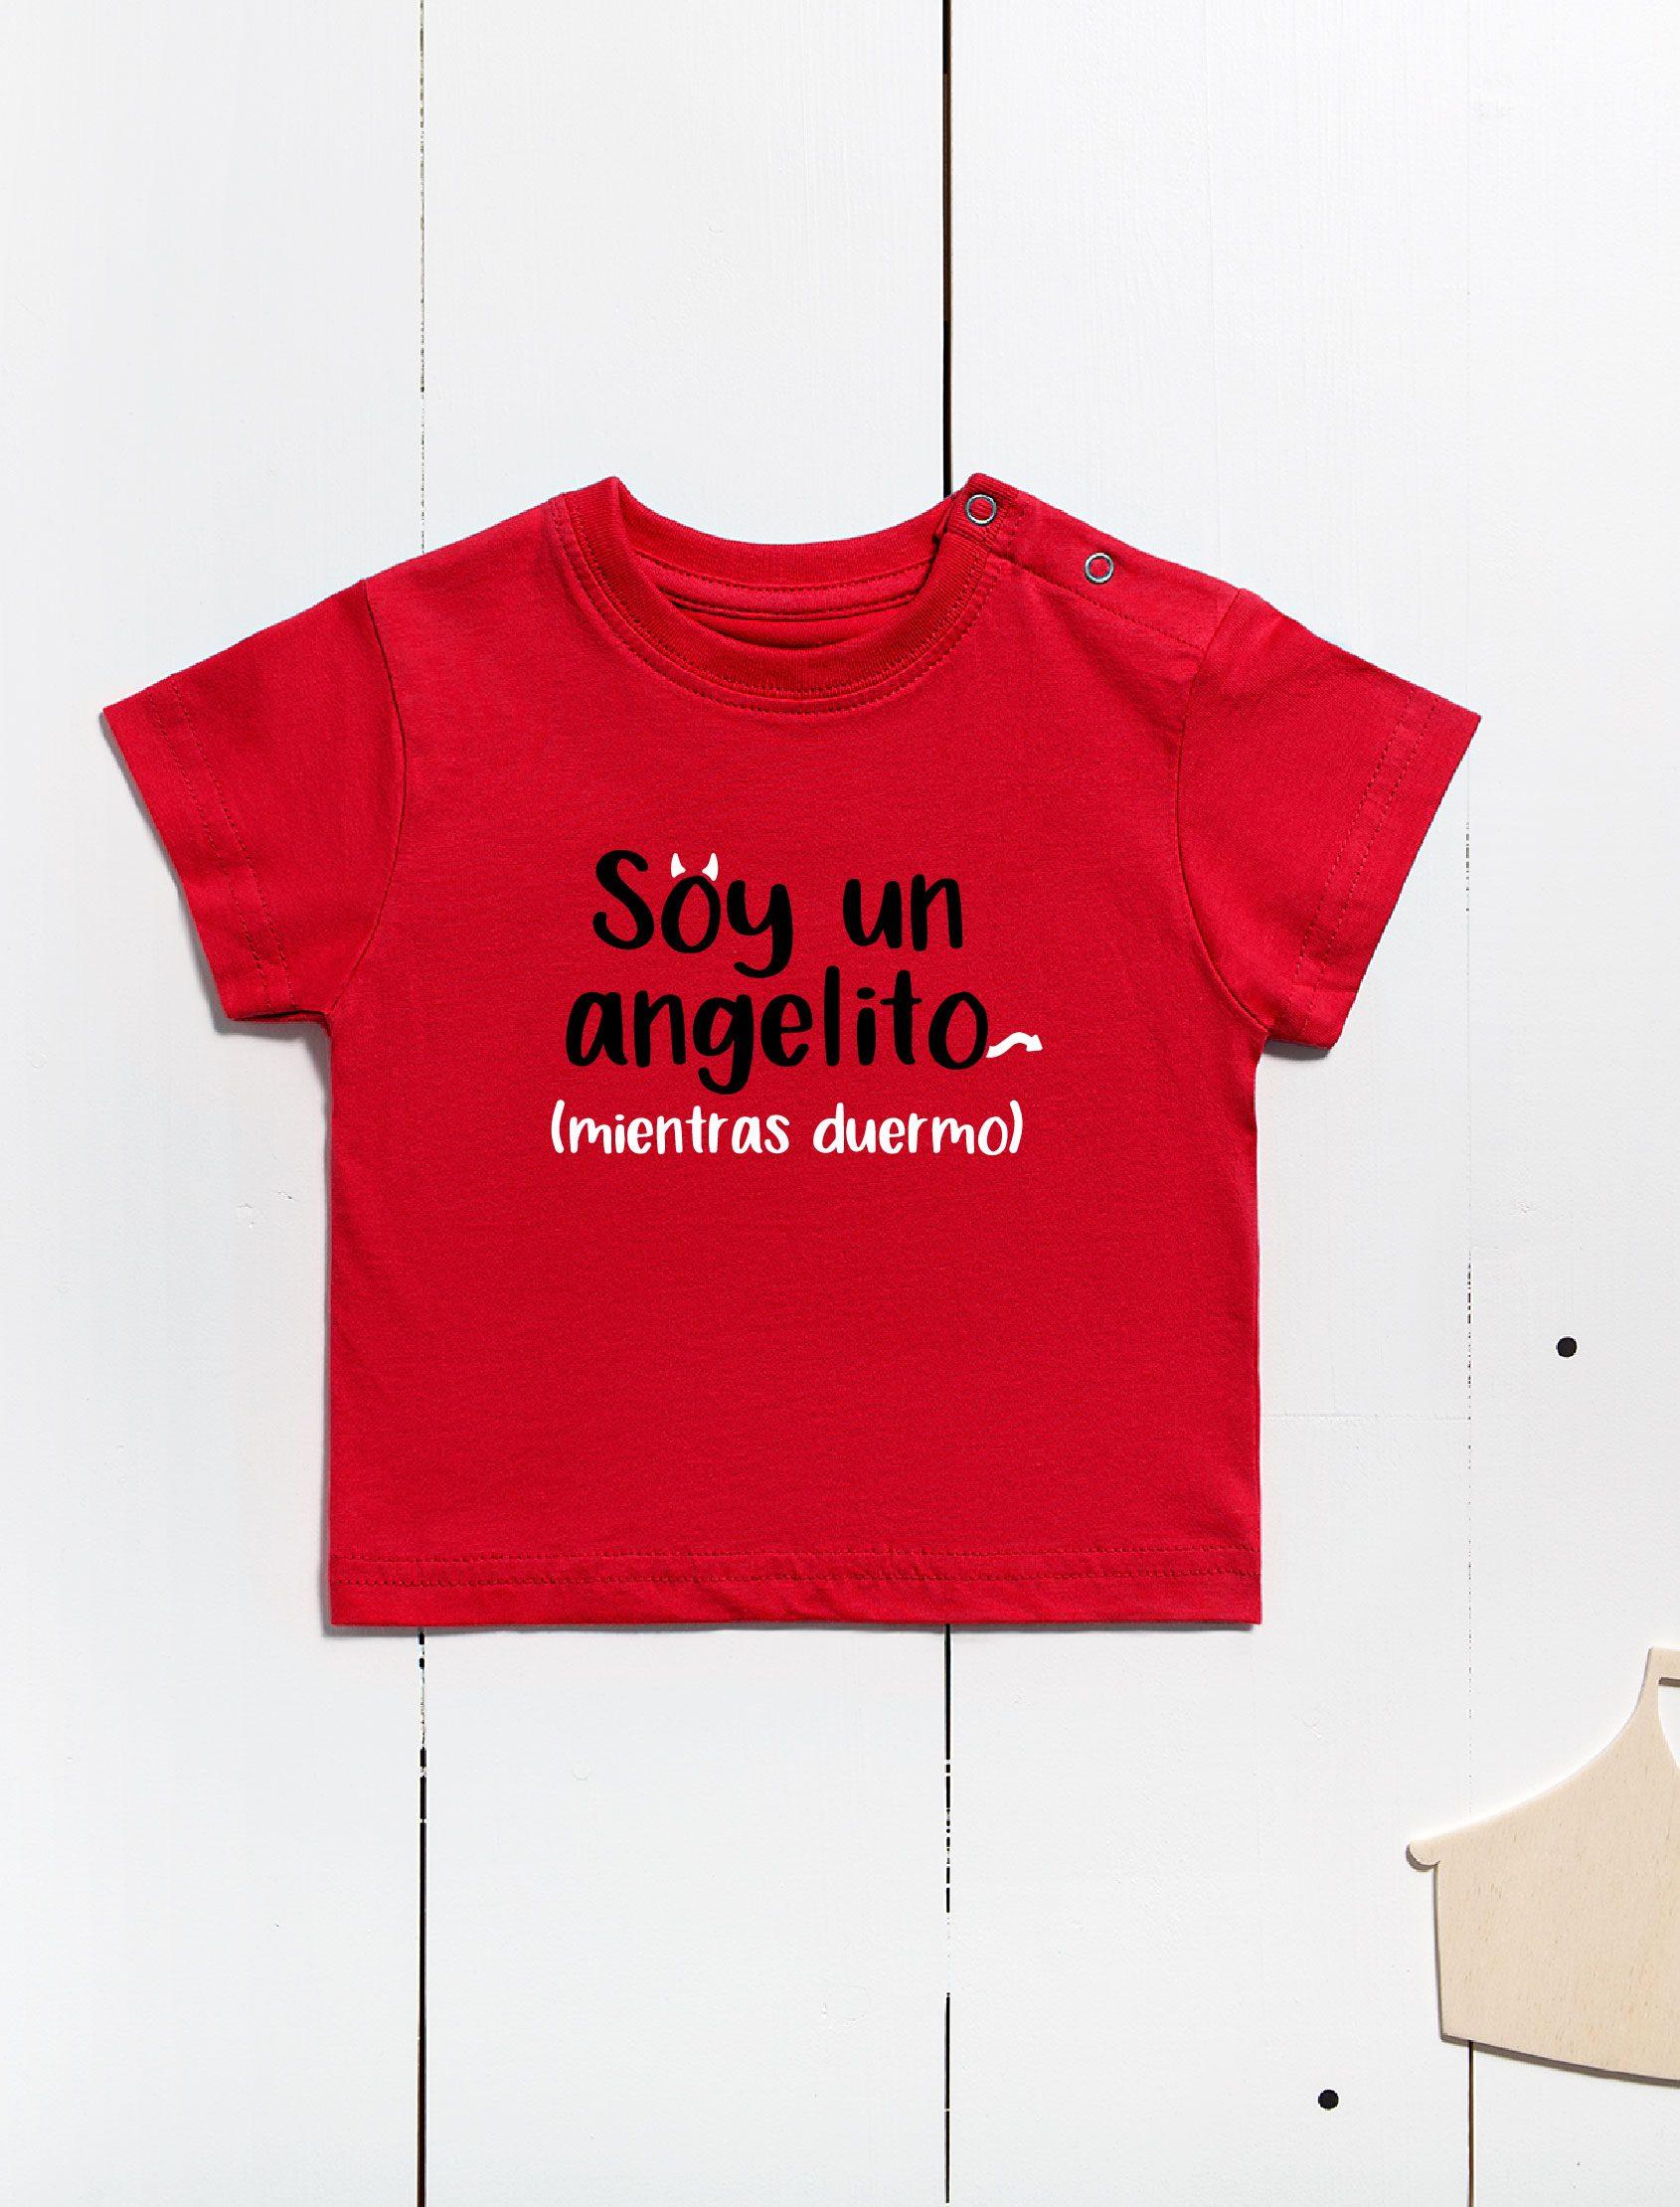 """camiseta mc infantil de manga corta con cierre de broches en el hombro, color rojo y mensaje """"Soy un angelito"""""""